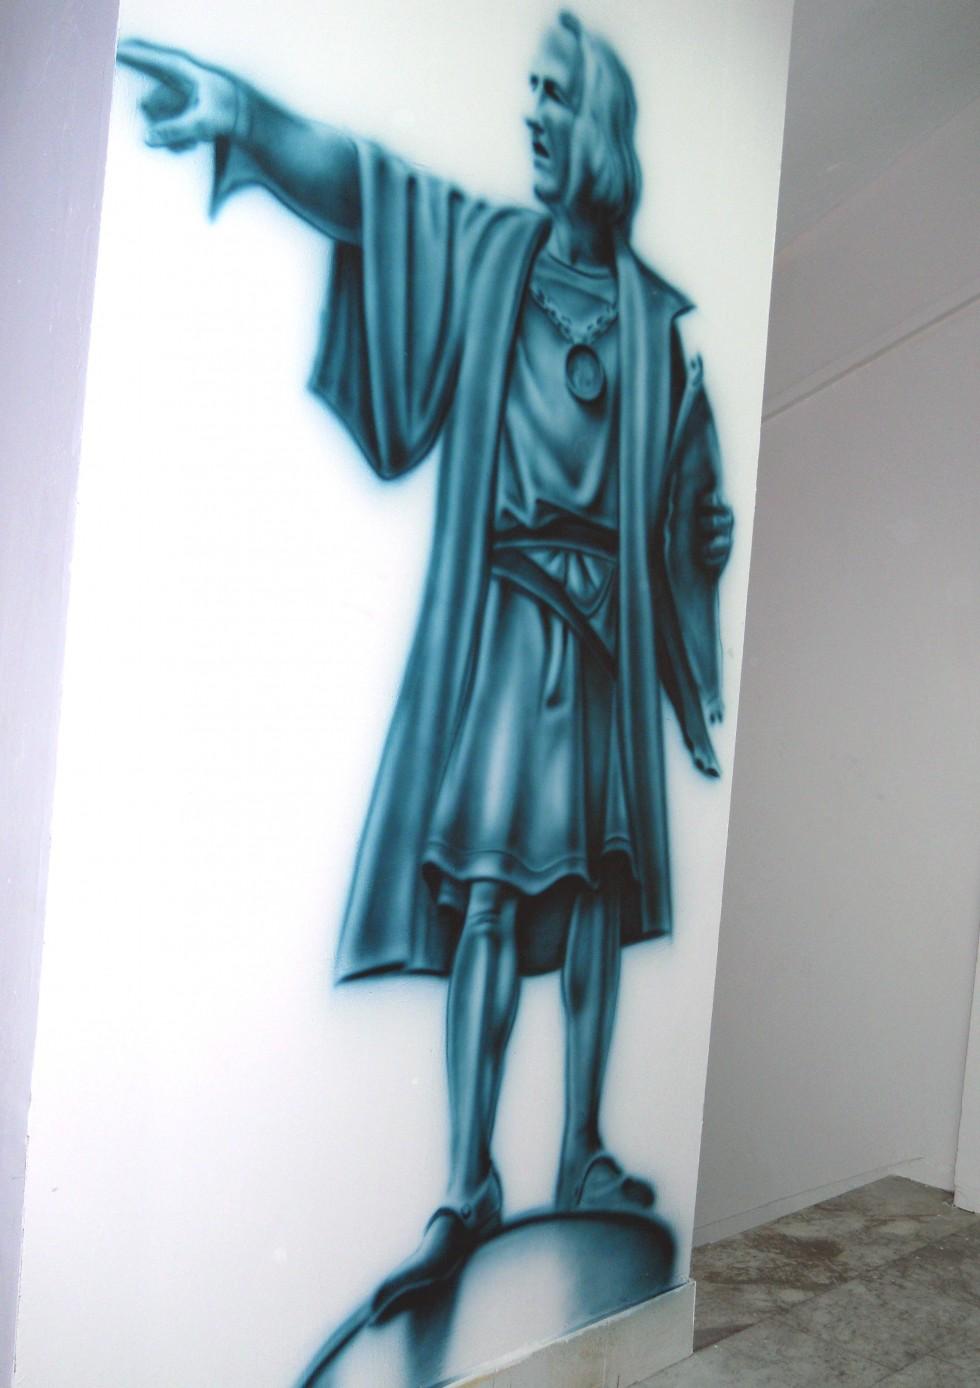 Christoph Coloumb Mural serkan ergun